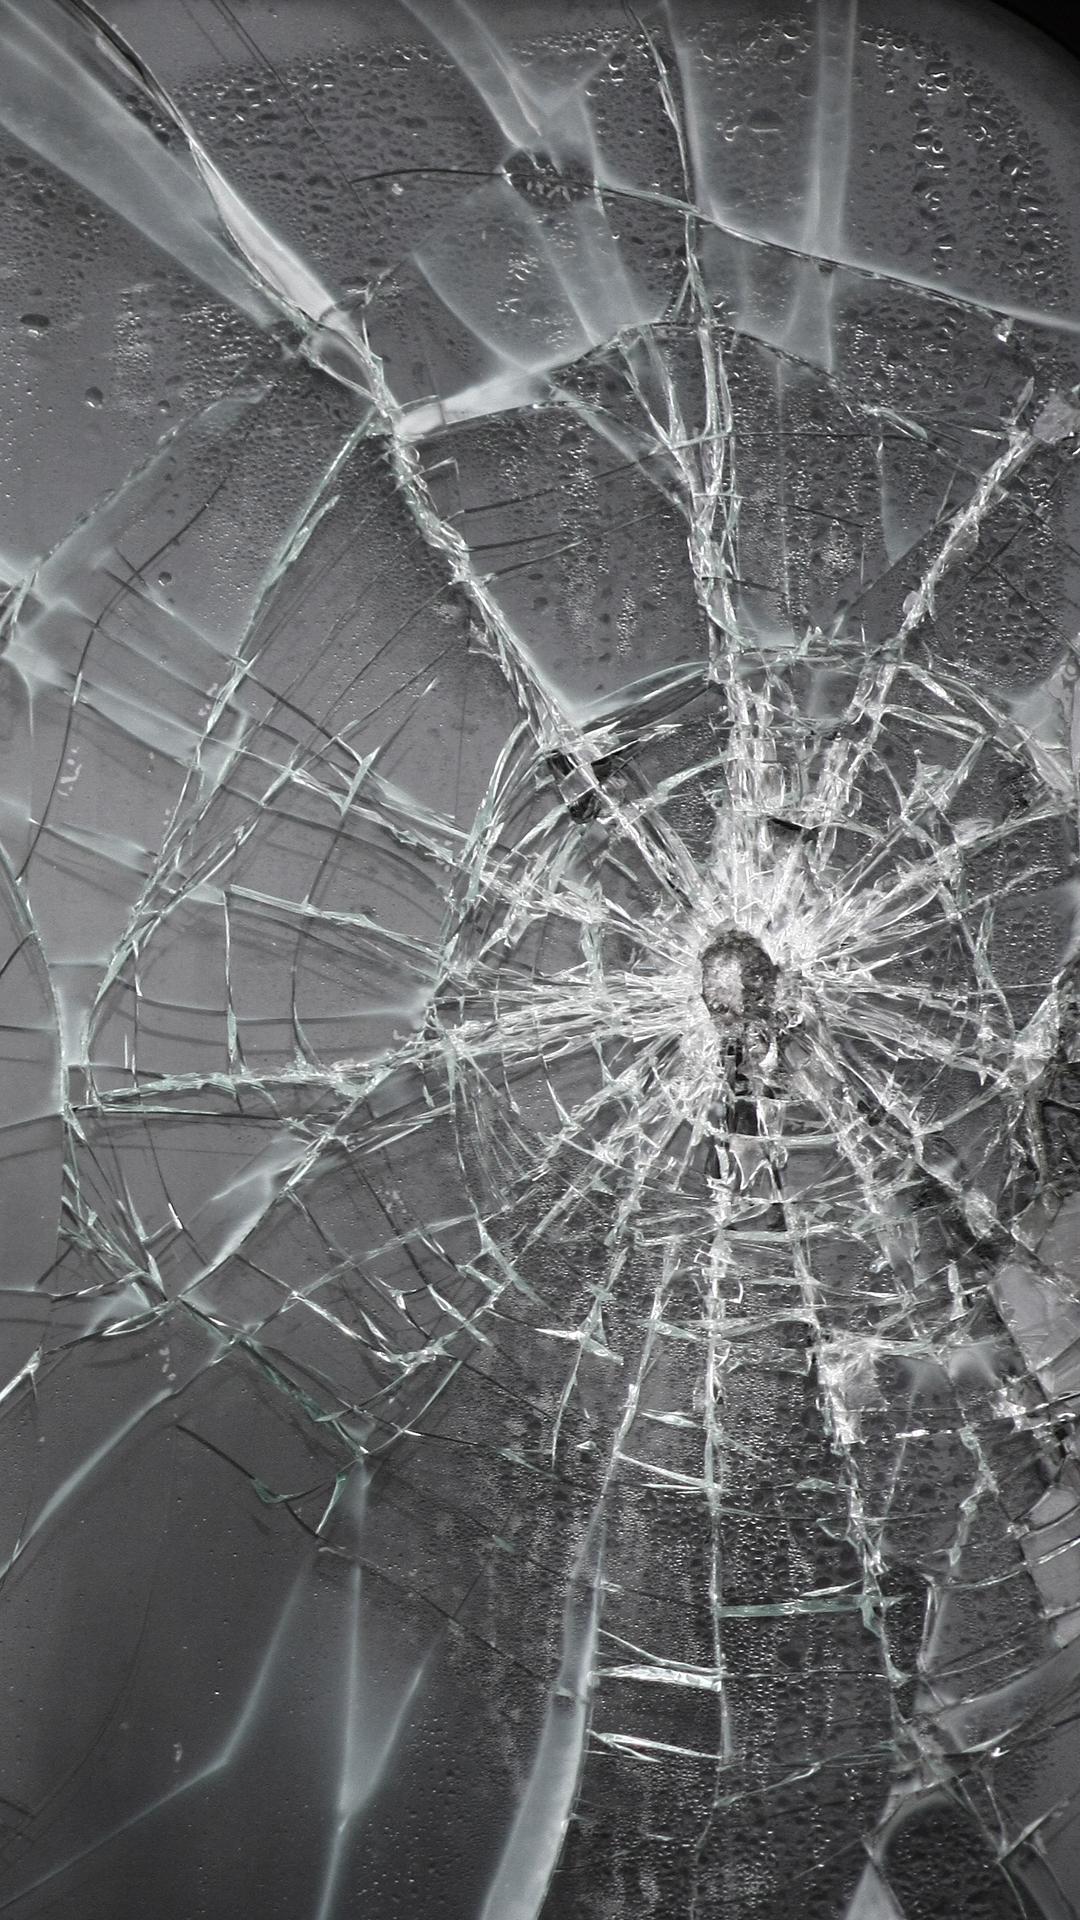 Разбилось стекло на фоторамке примета ведь